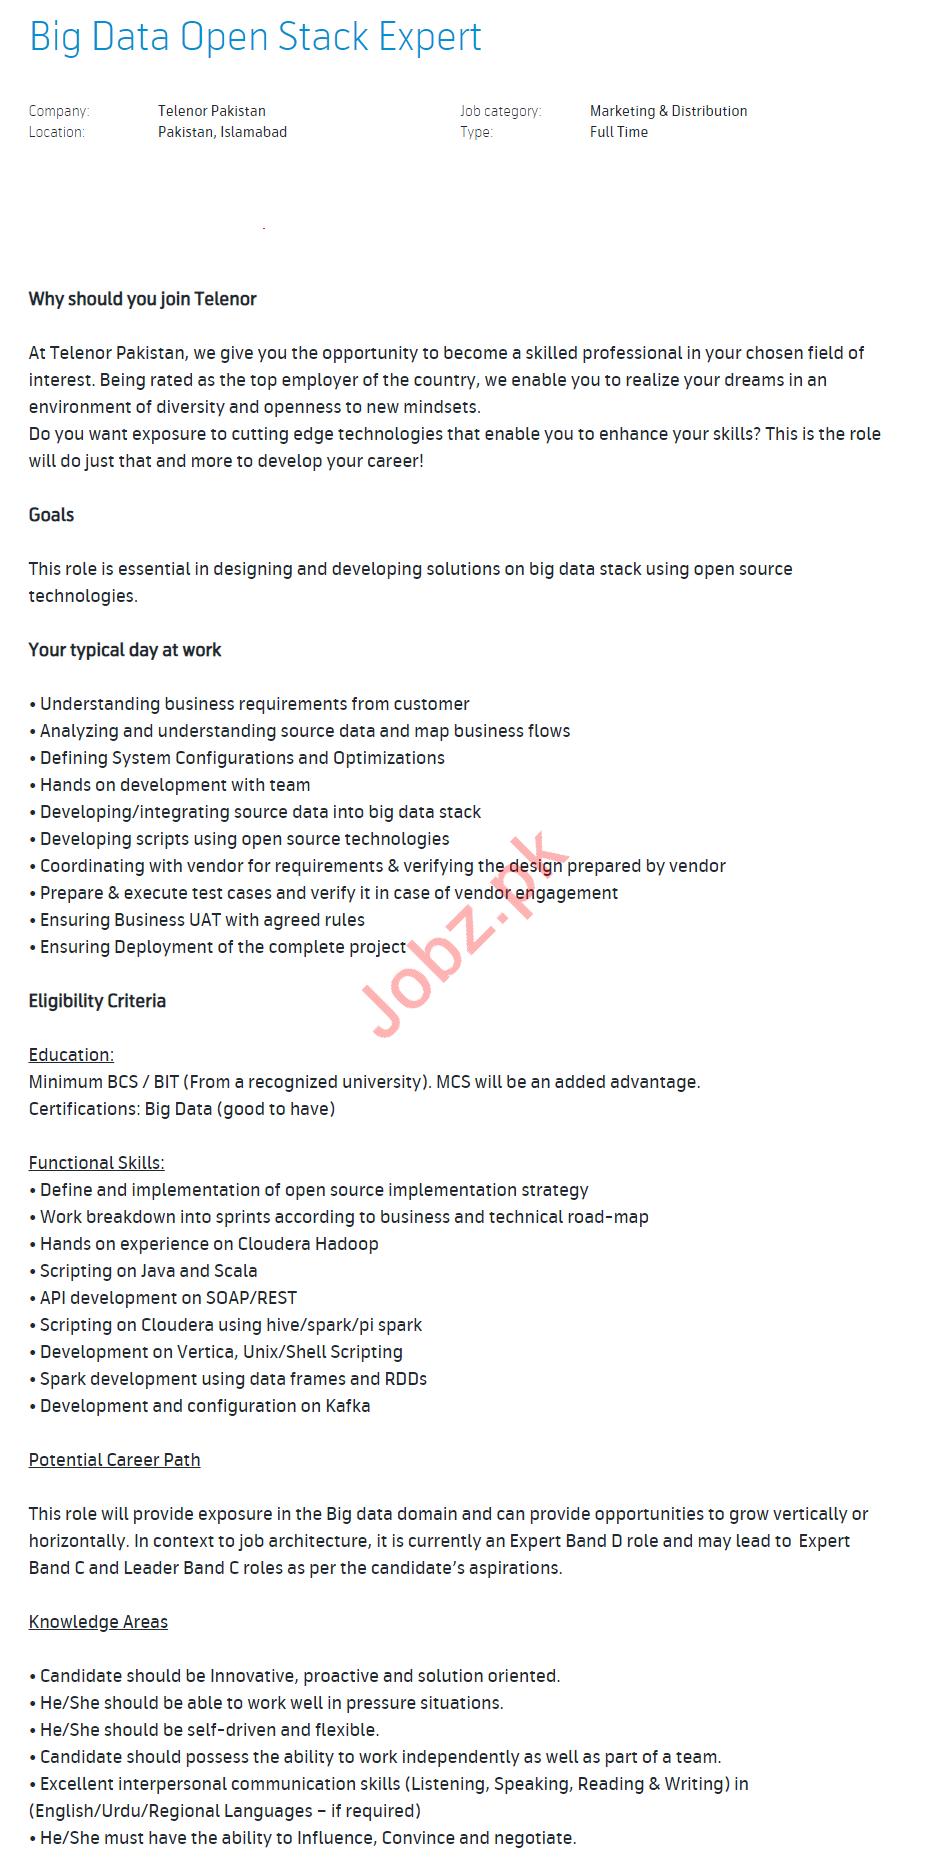 Big Data Open Stack Expert & Planning Specialist Jobs 2020